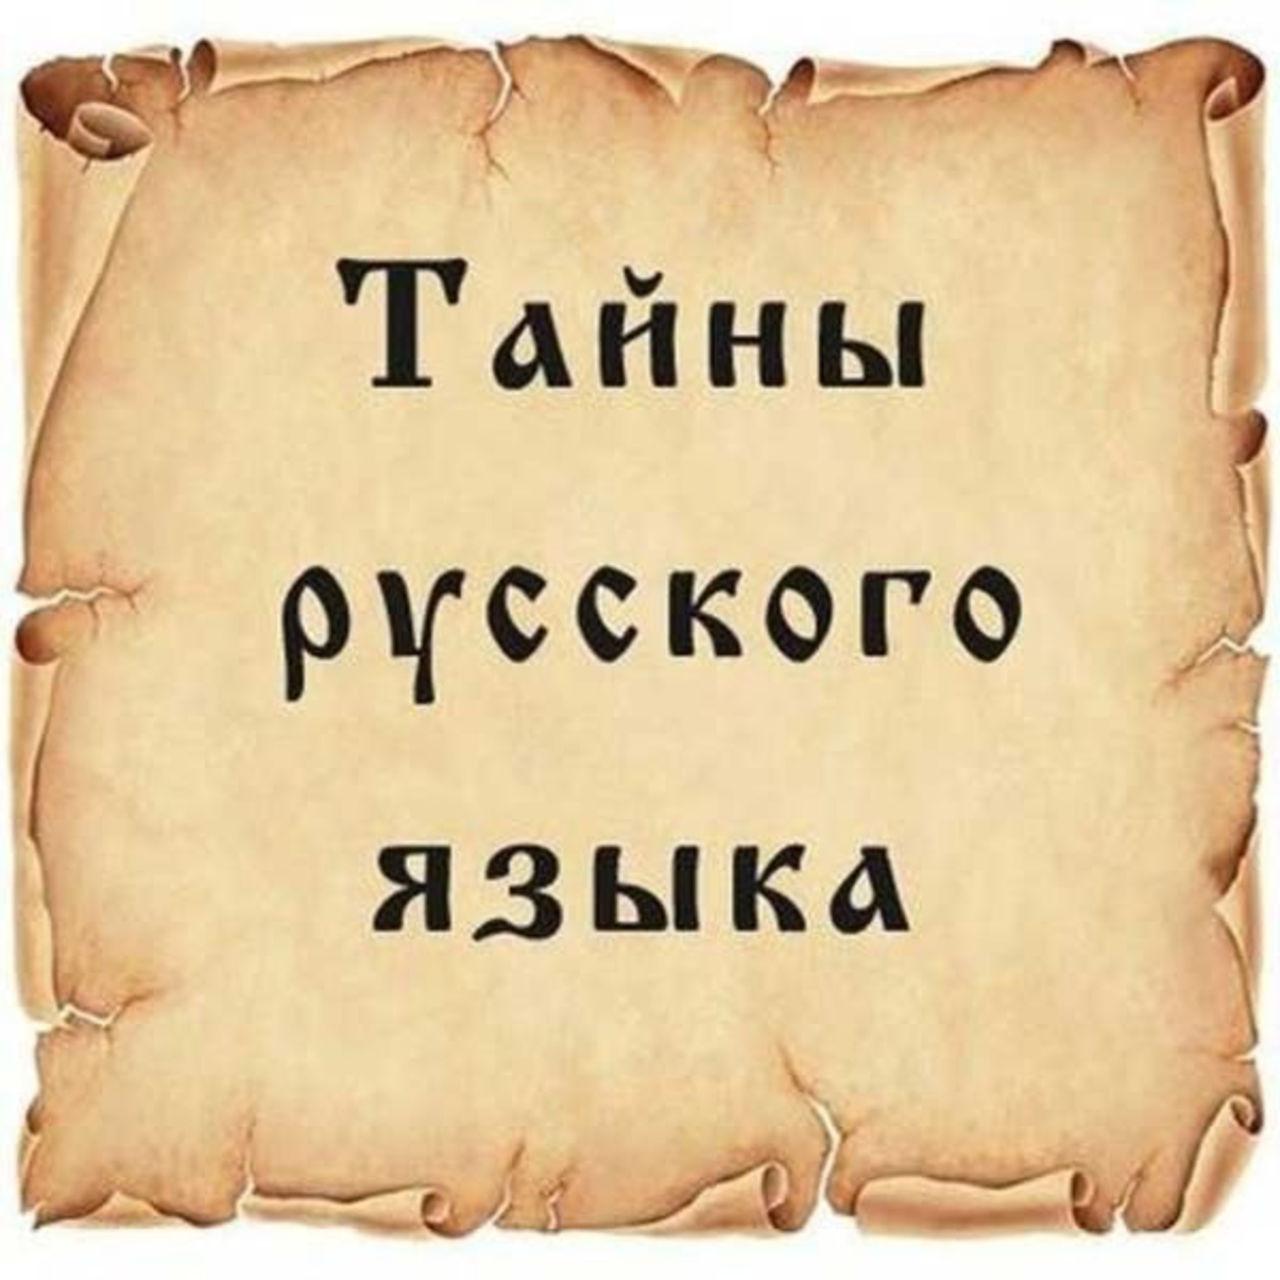 20 фактов о русском языке